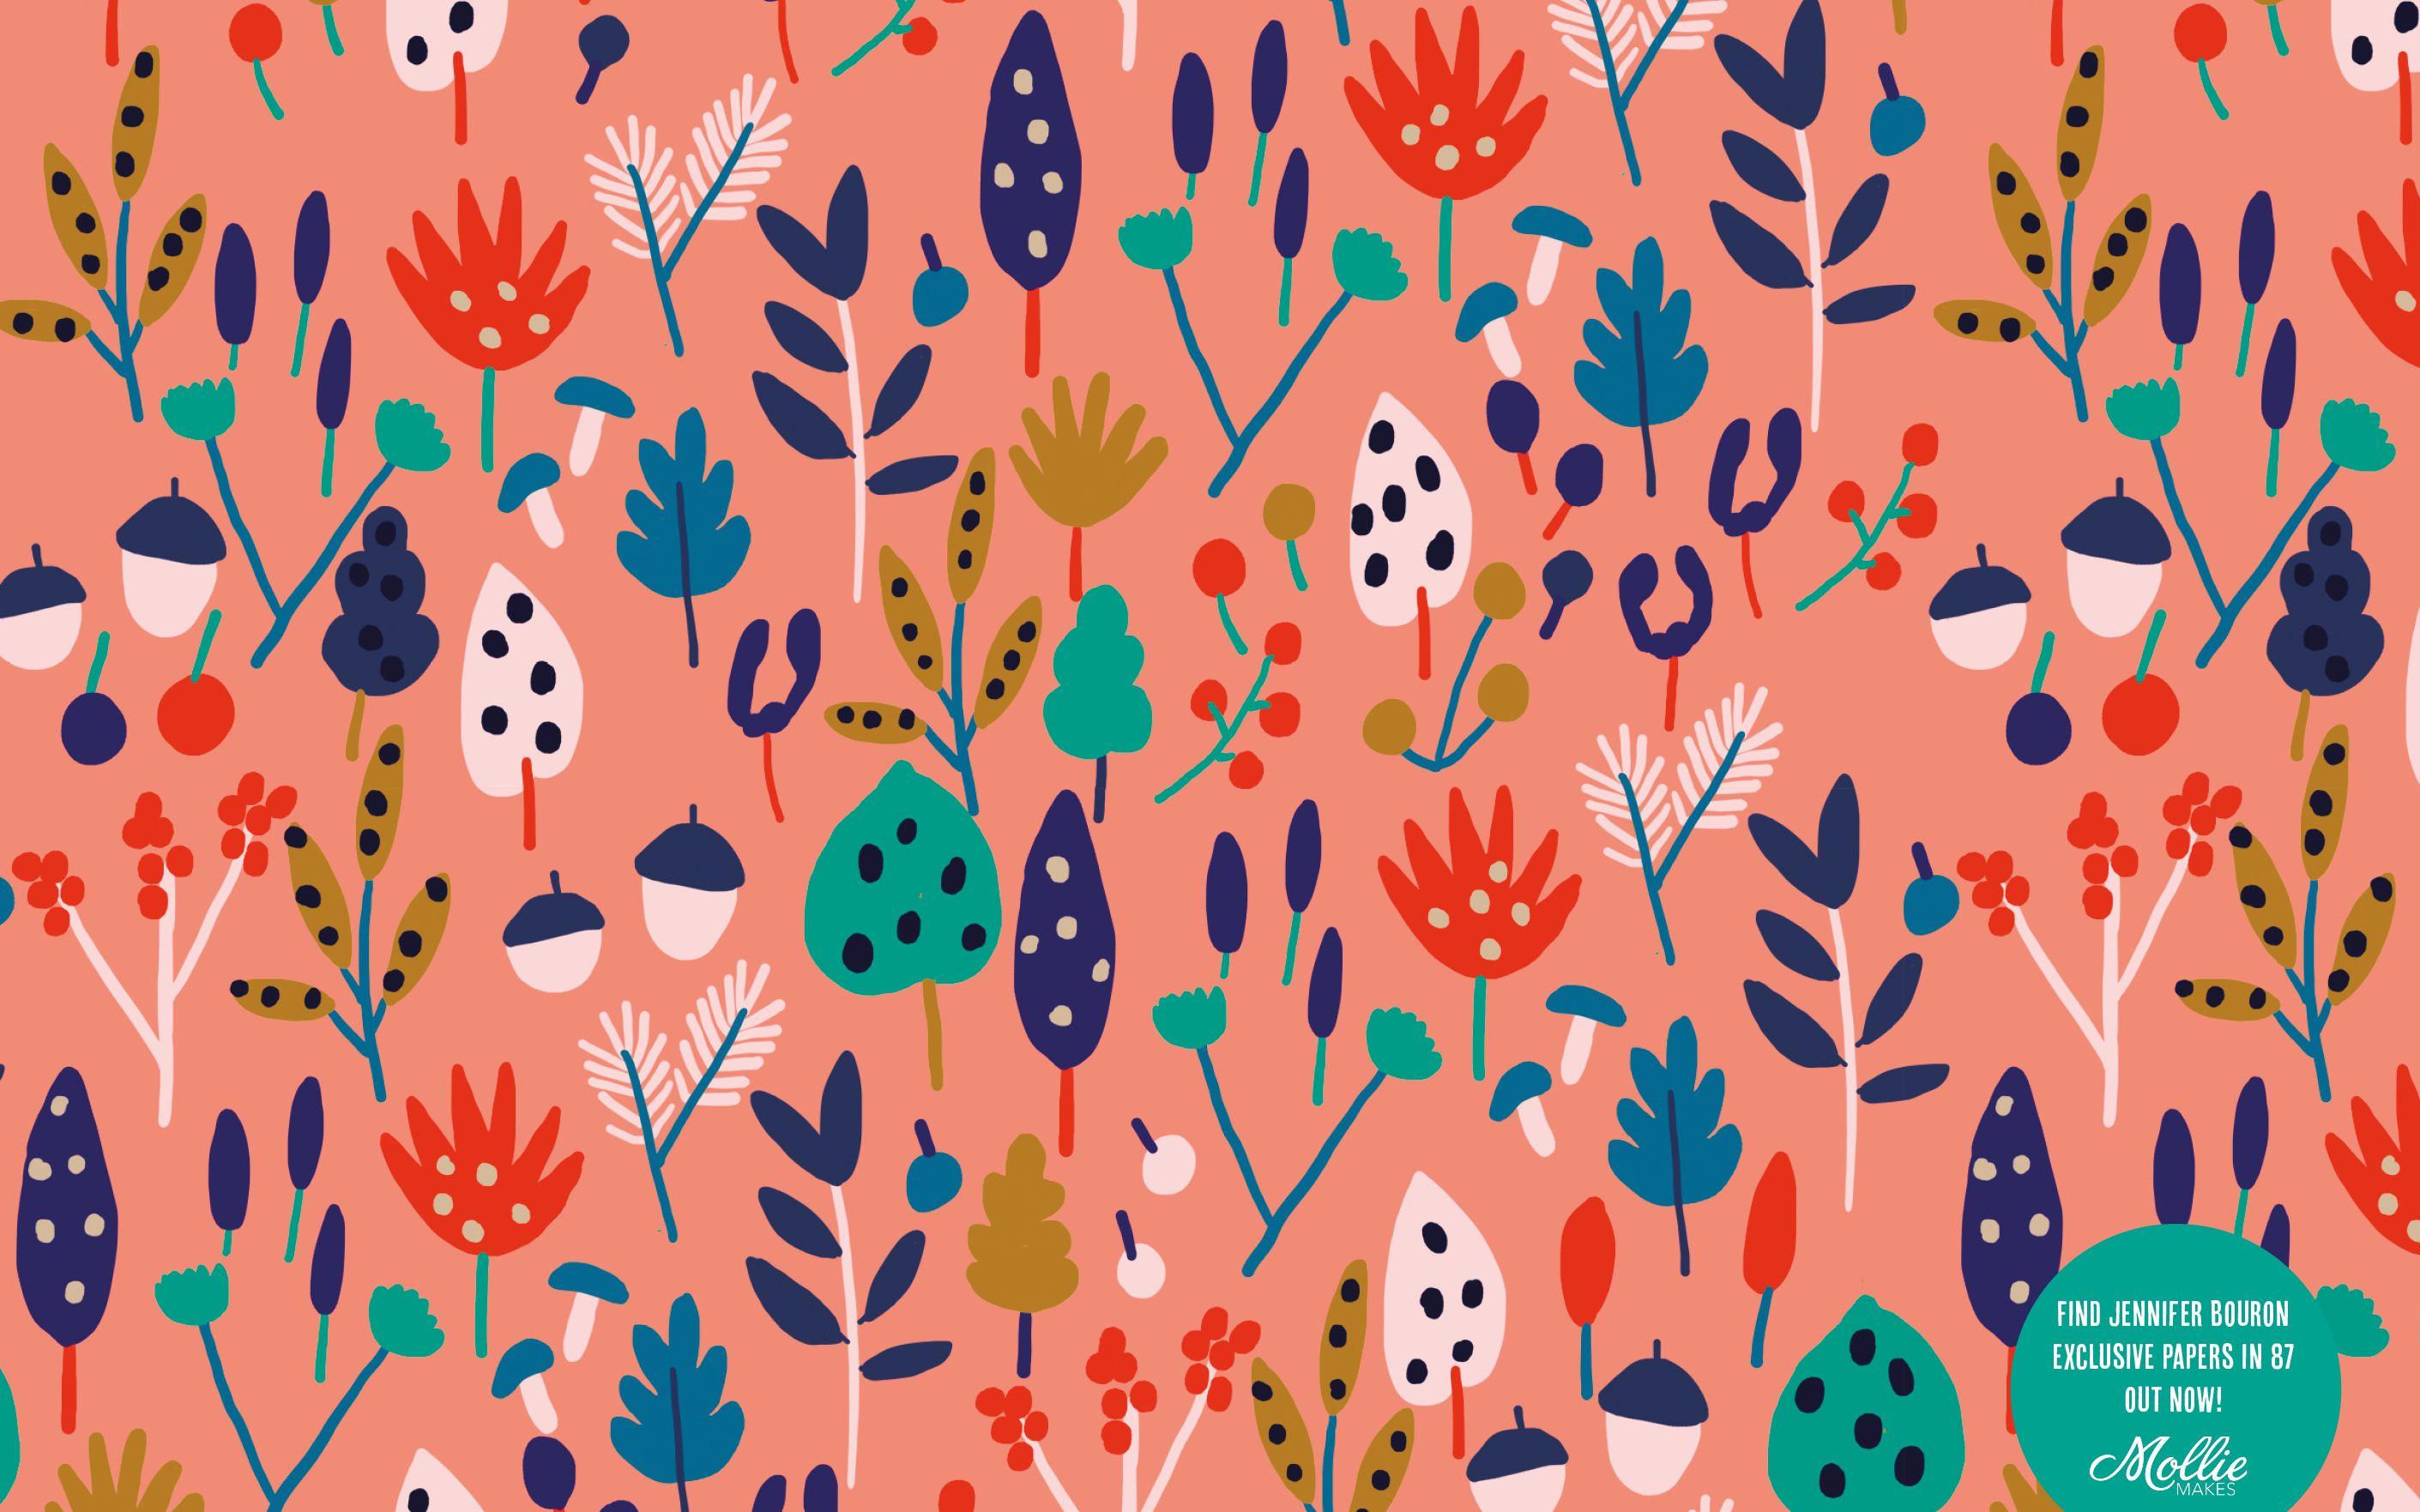 January Mobile Wallpaper And Desktop Background Mollie Makes Mobile Wallpaper Backgrounds Desktop Wallpaper